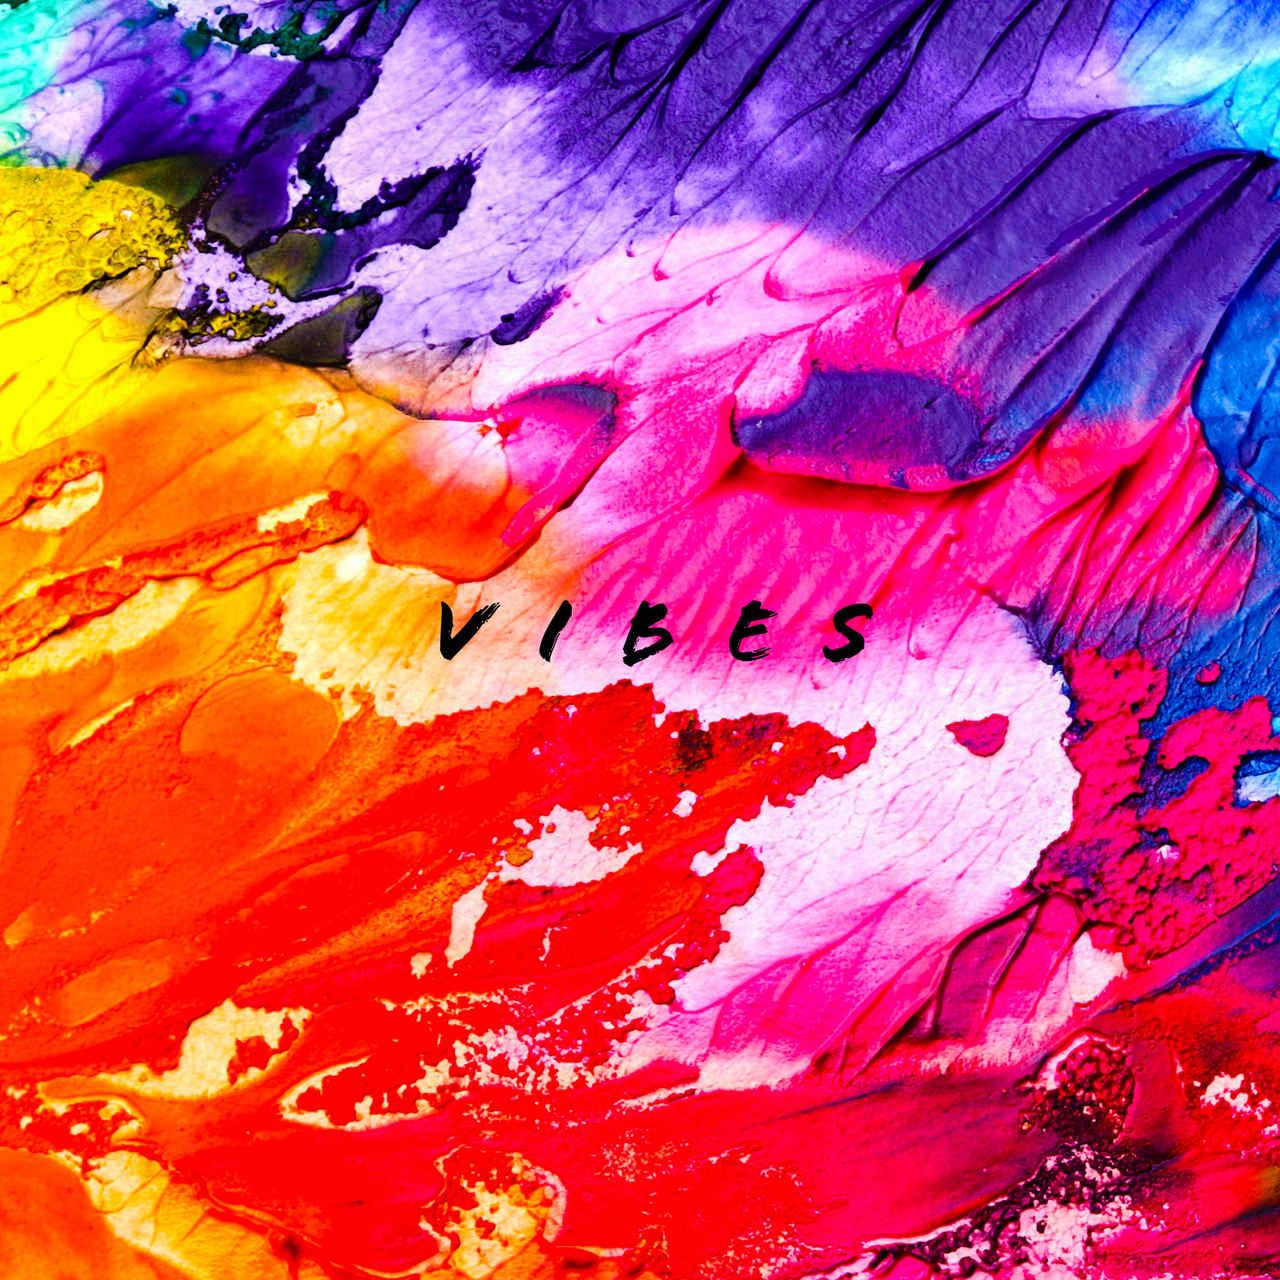 Upcoming: Rmax - Vibes